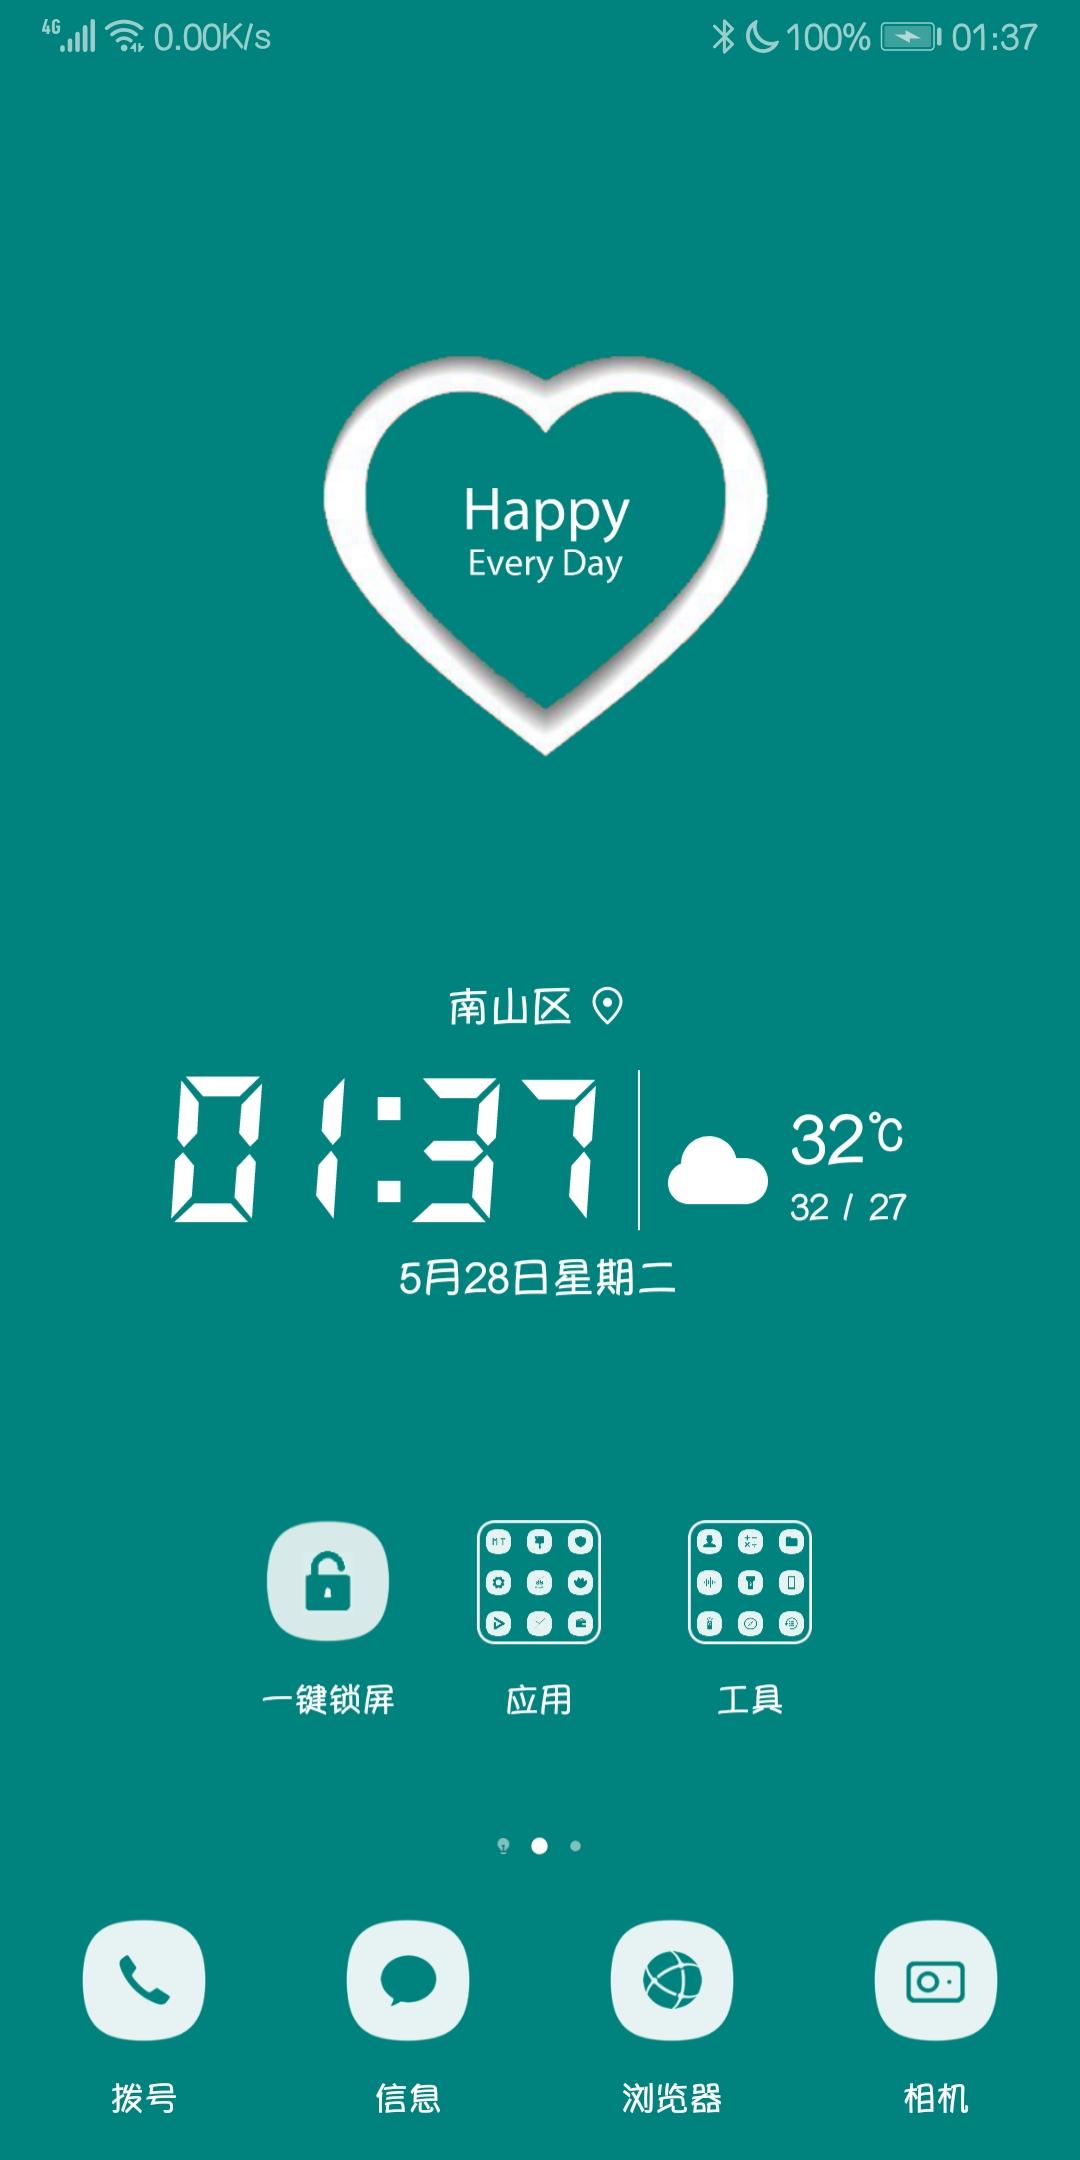 Screenshot_20190528_013742_com.huawei.android.launcher.jpg